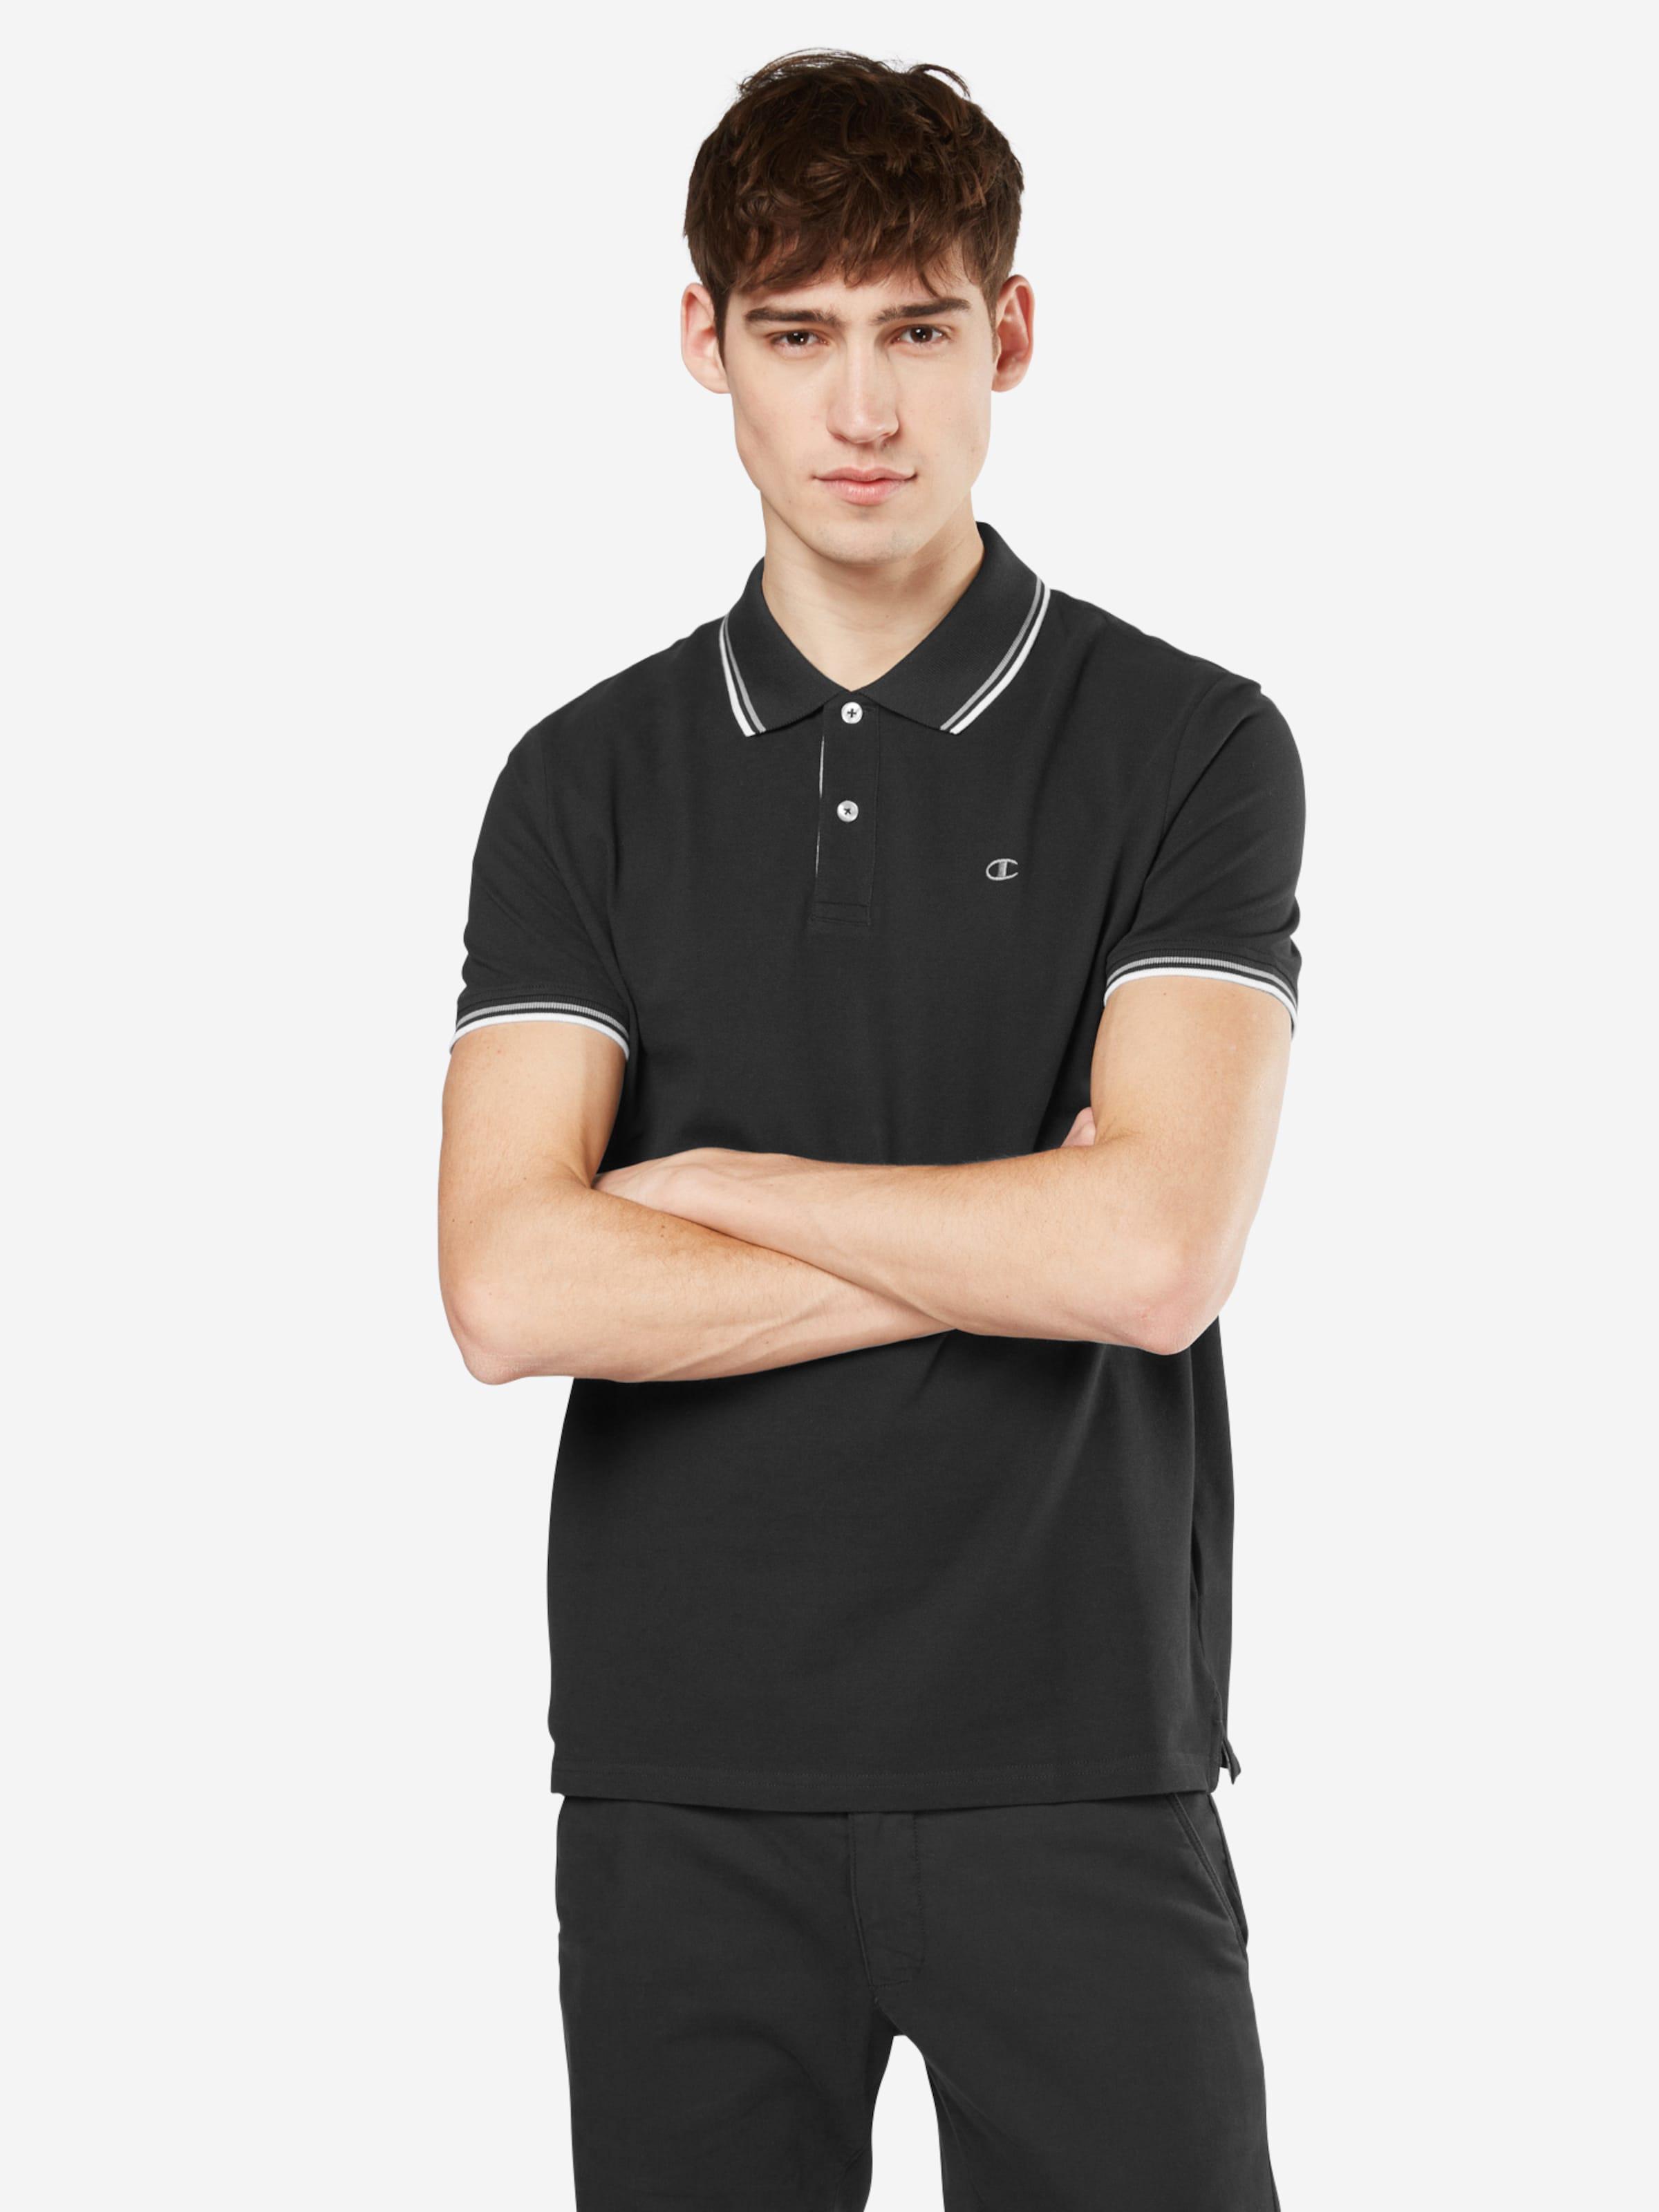 Champion Authentic Athletic Apparel Poloshirt mit Marken-Stickerei Professionelle Günstig Online Nah6NQLx